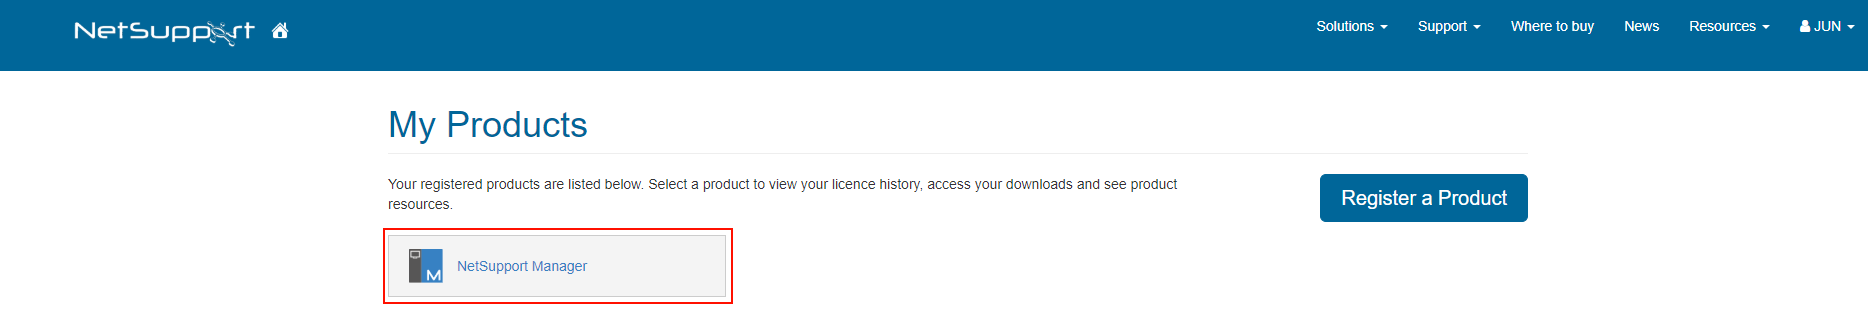 4.ご購入製品の登録 登録が完了しますと、以下のようにご購入の製品アイコンが登録されます。